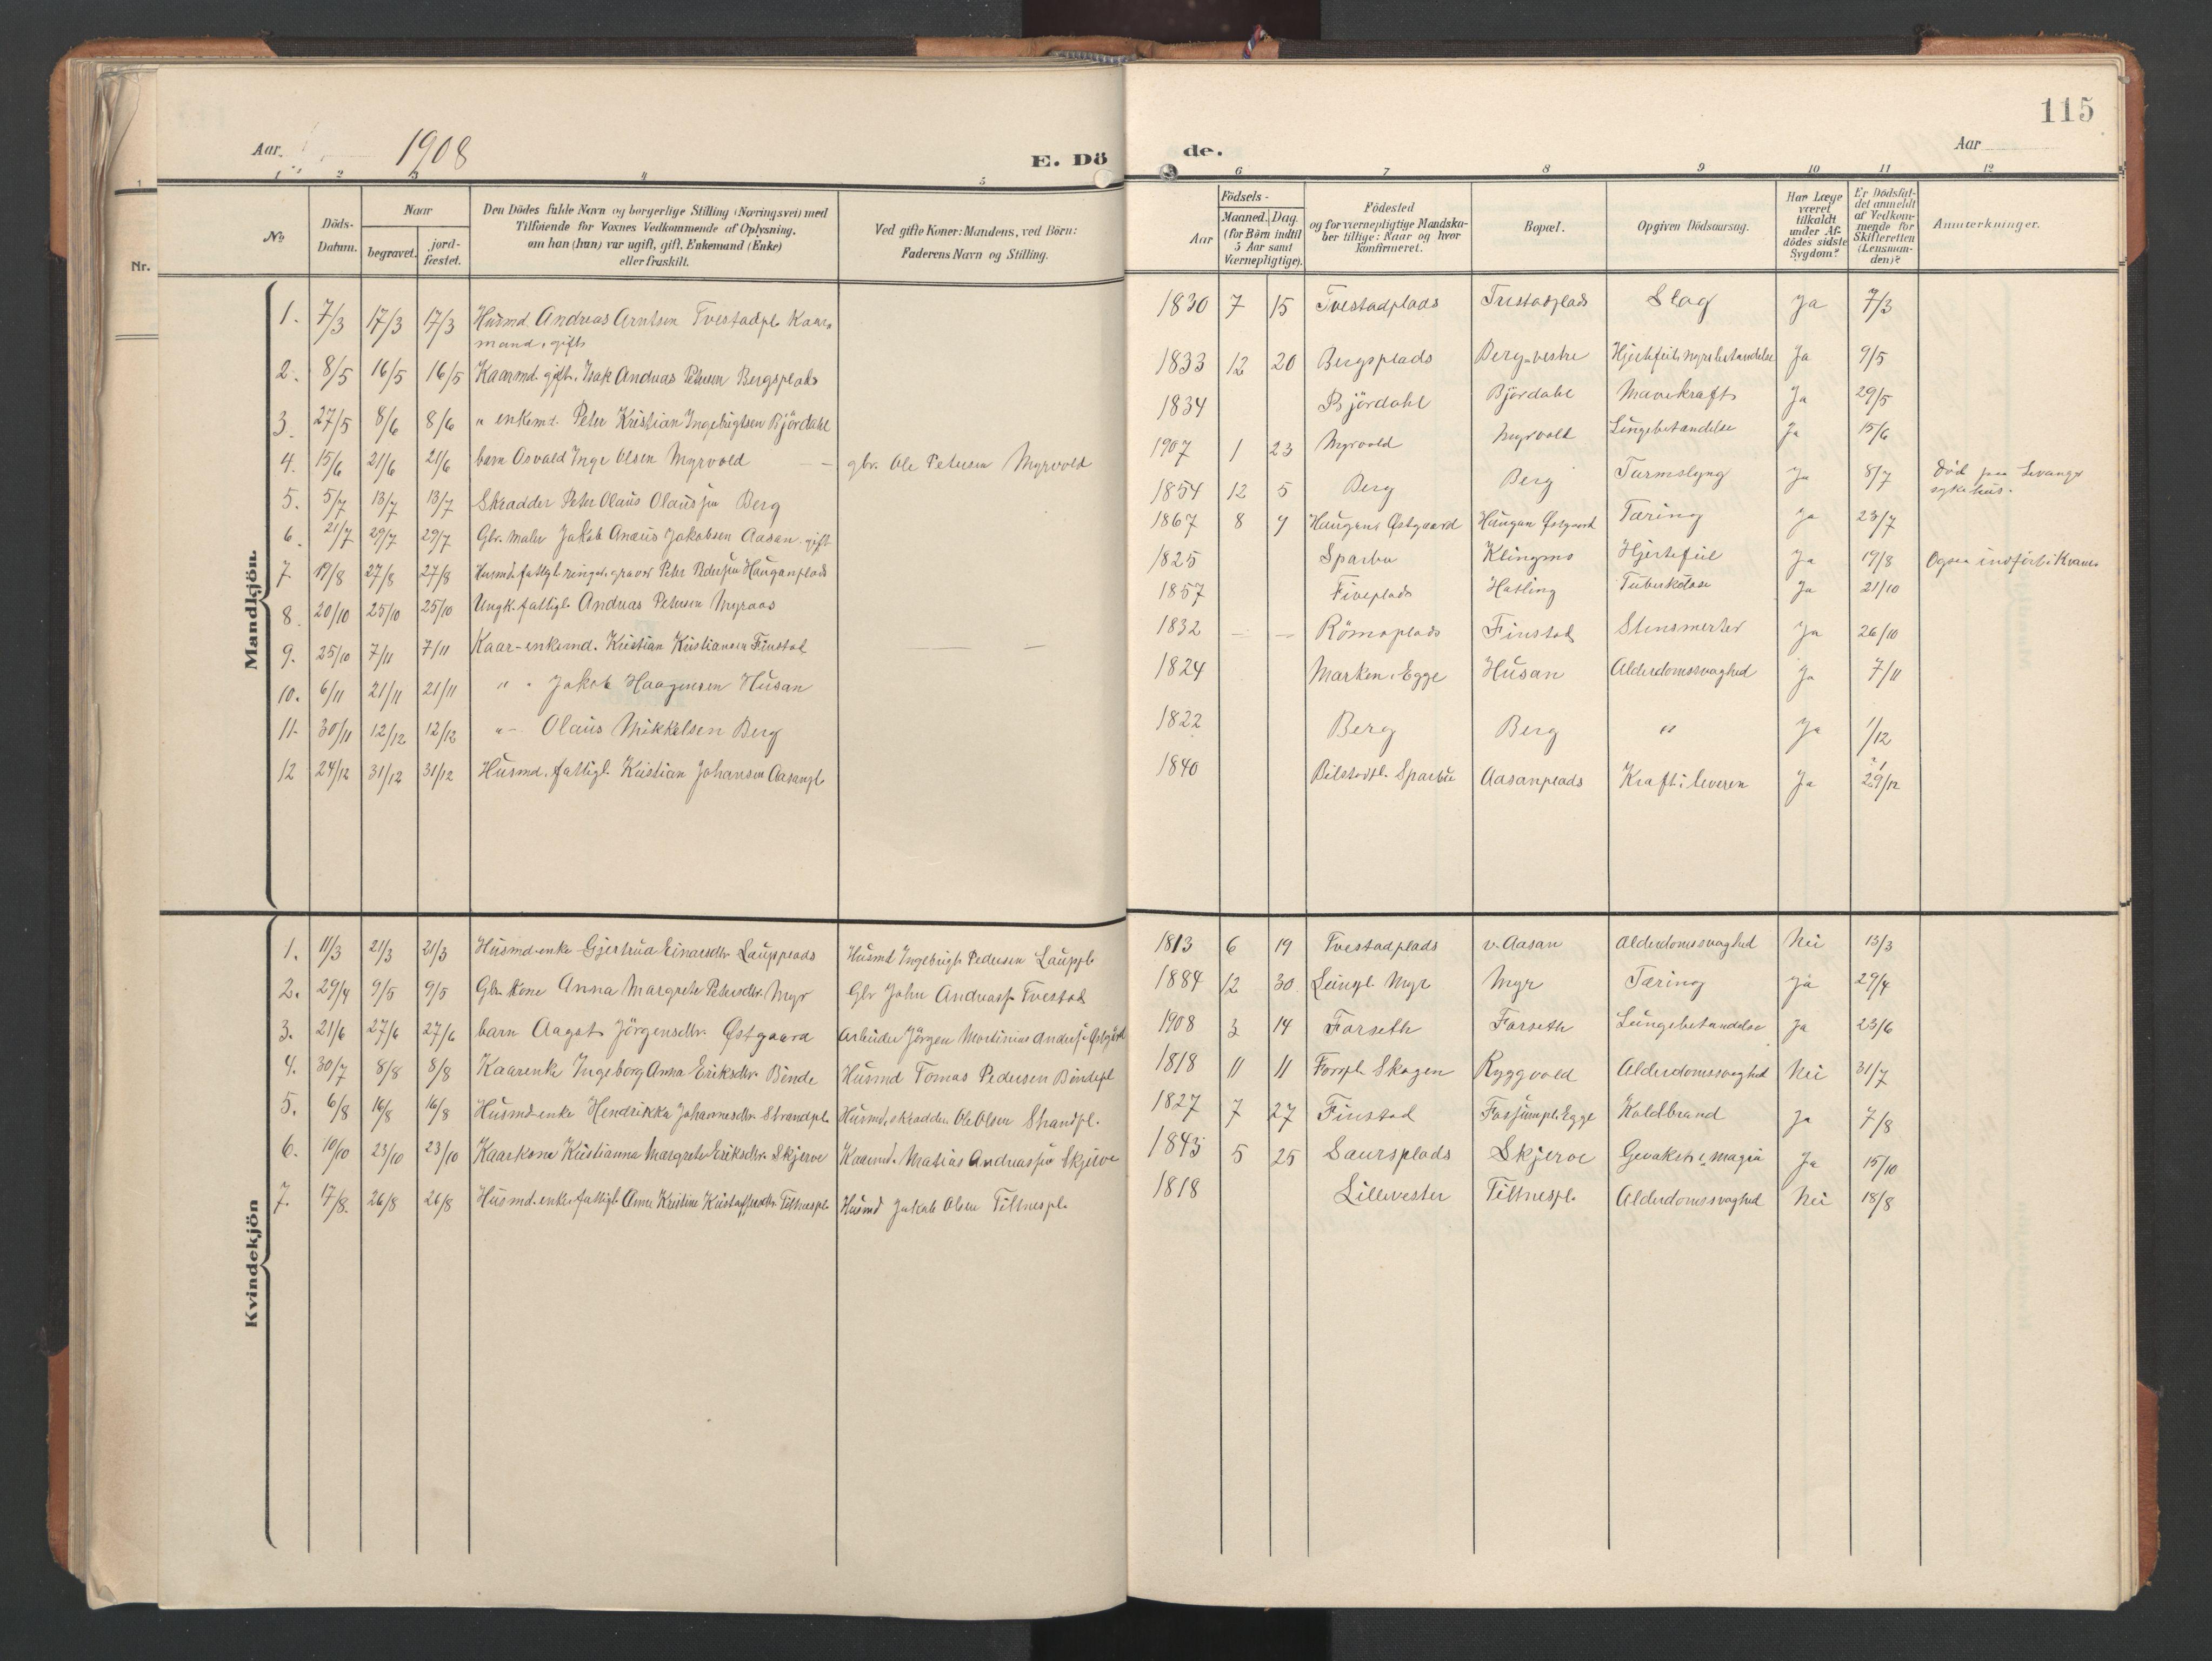 SAT, Ministerialprotokoller, klokkerbøker og fødselsregistre - Nord-Trøndelag, 746/L0455: Klokkerbok nr. 746C01, 1908-1933, s. 115